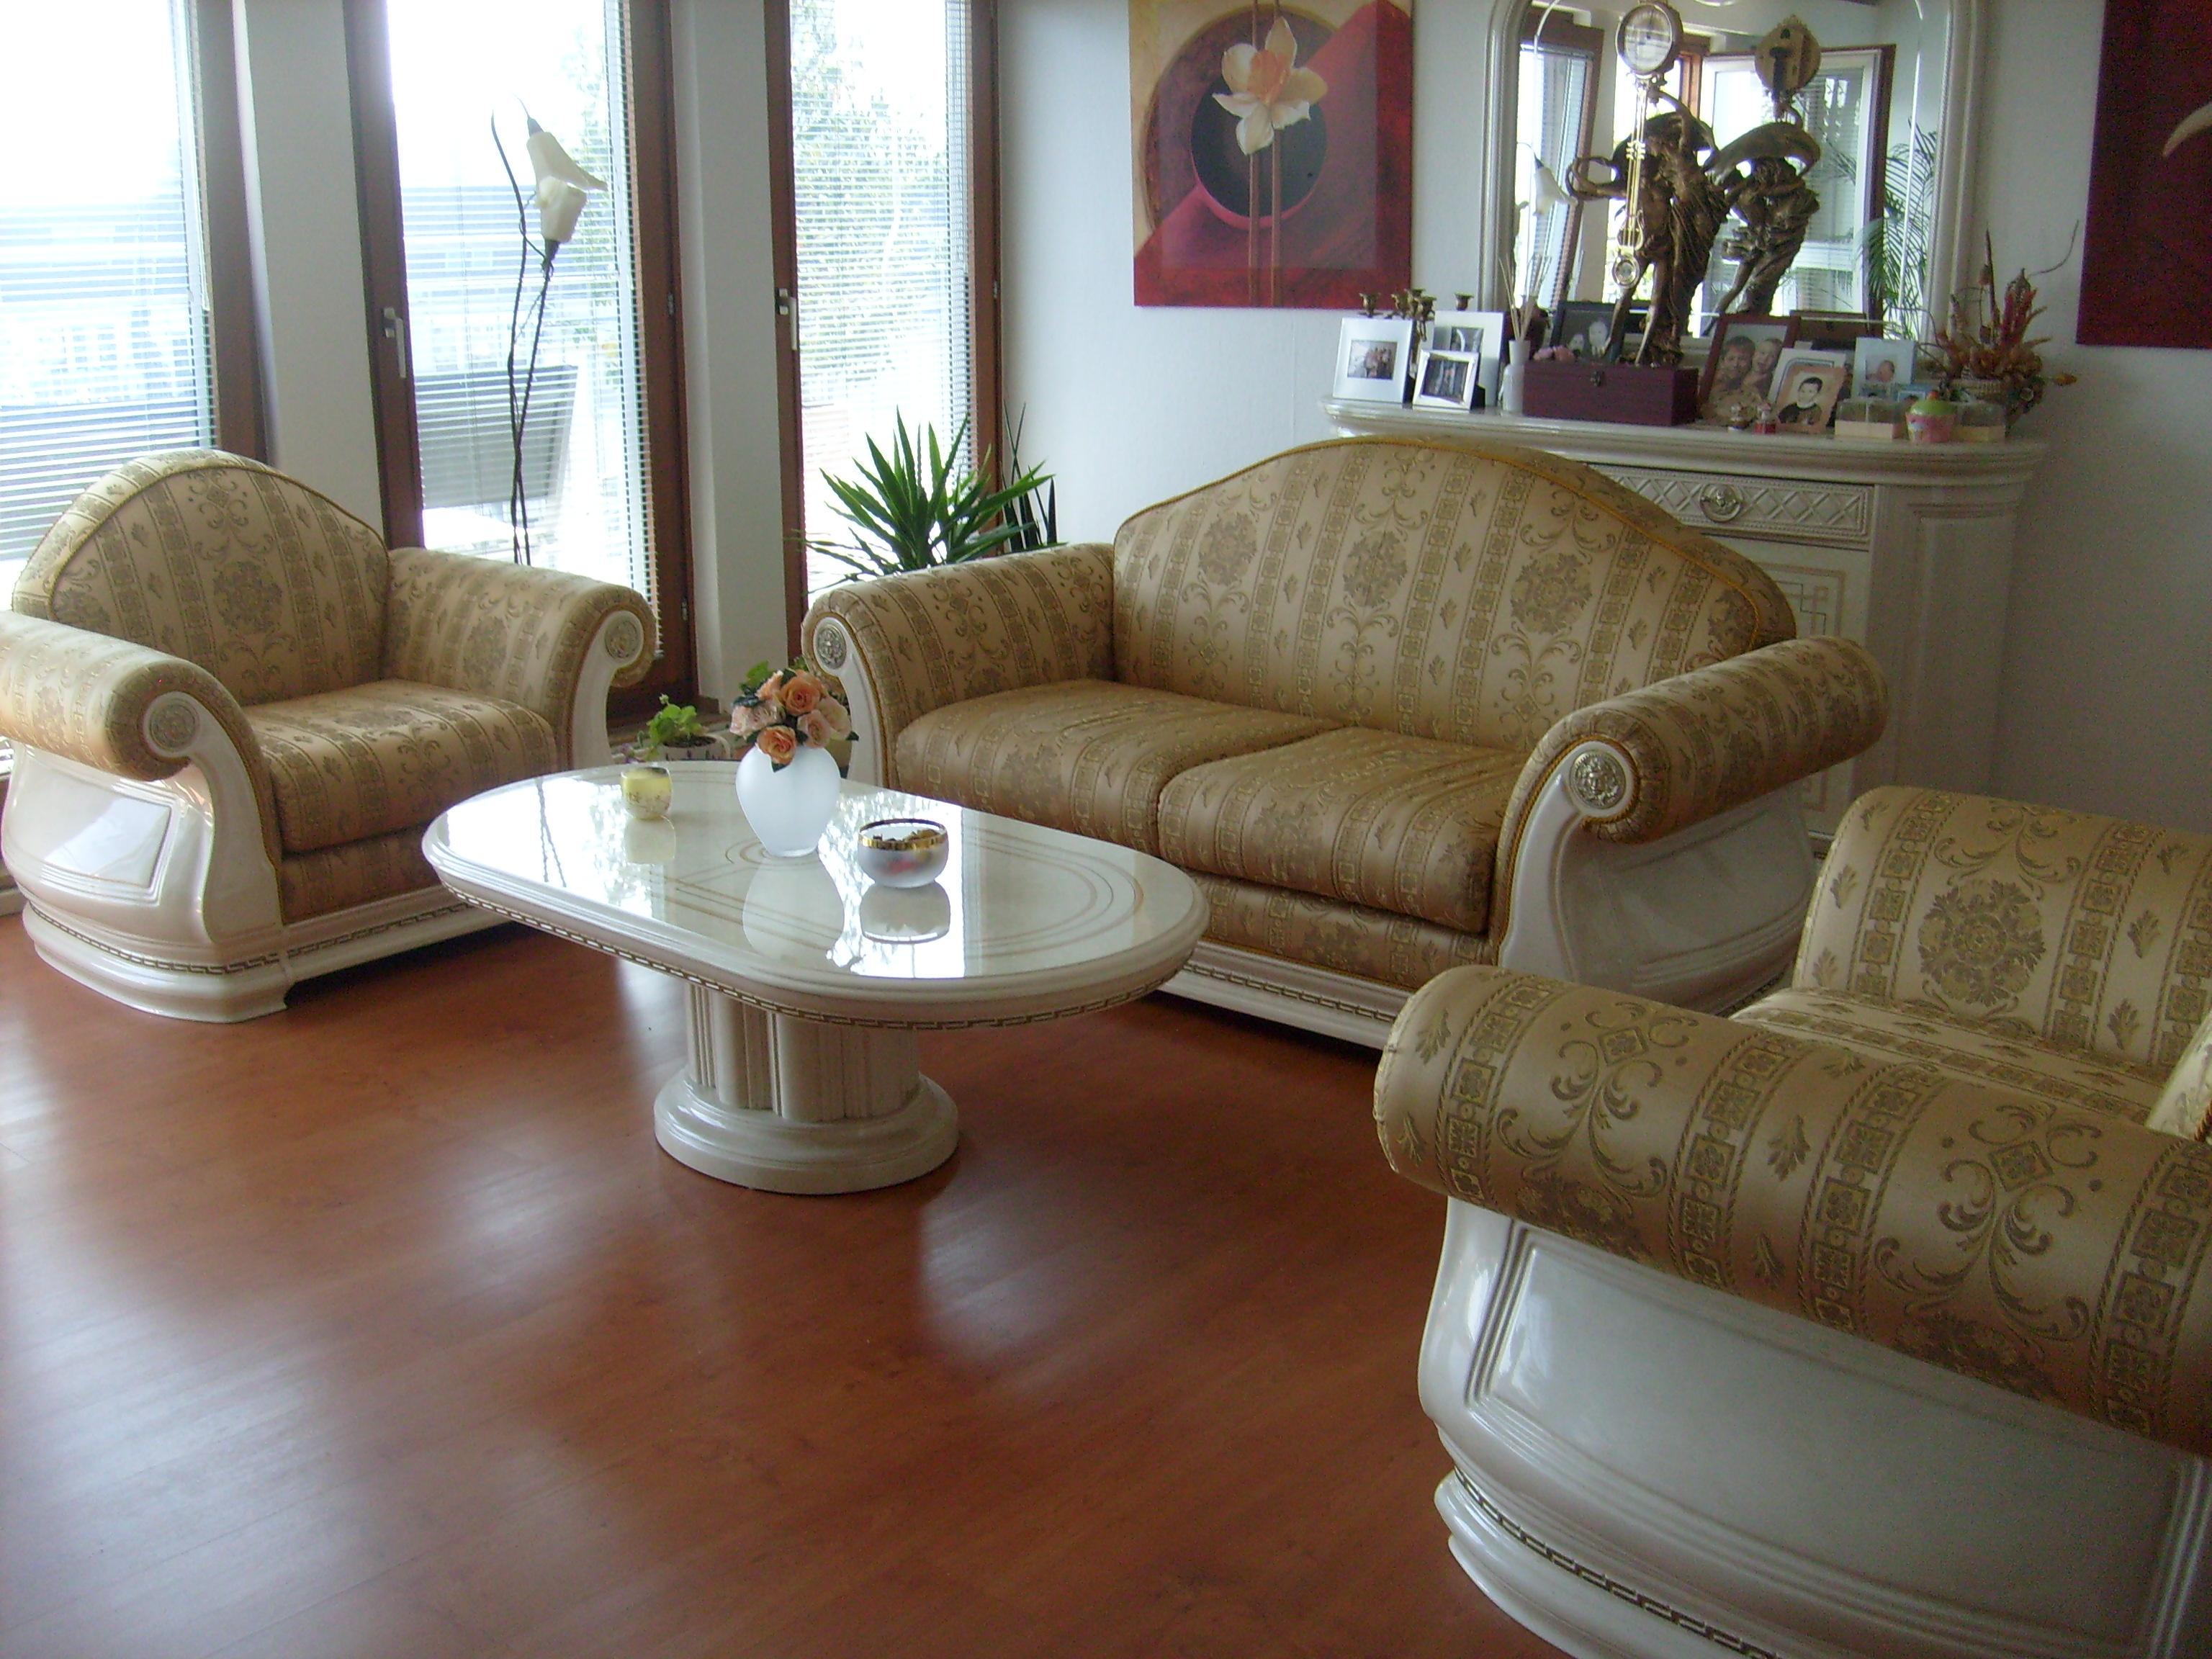 Gebrauchte Schlafzimmer Möbel In Saarland ~ Home Design Inspiration U003eu003e  Schlafzimmer In Hannover